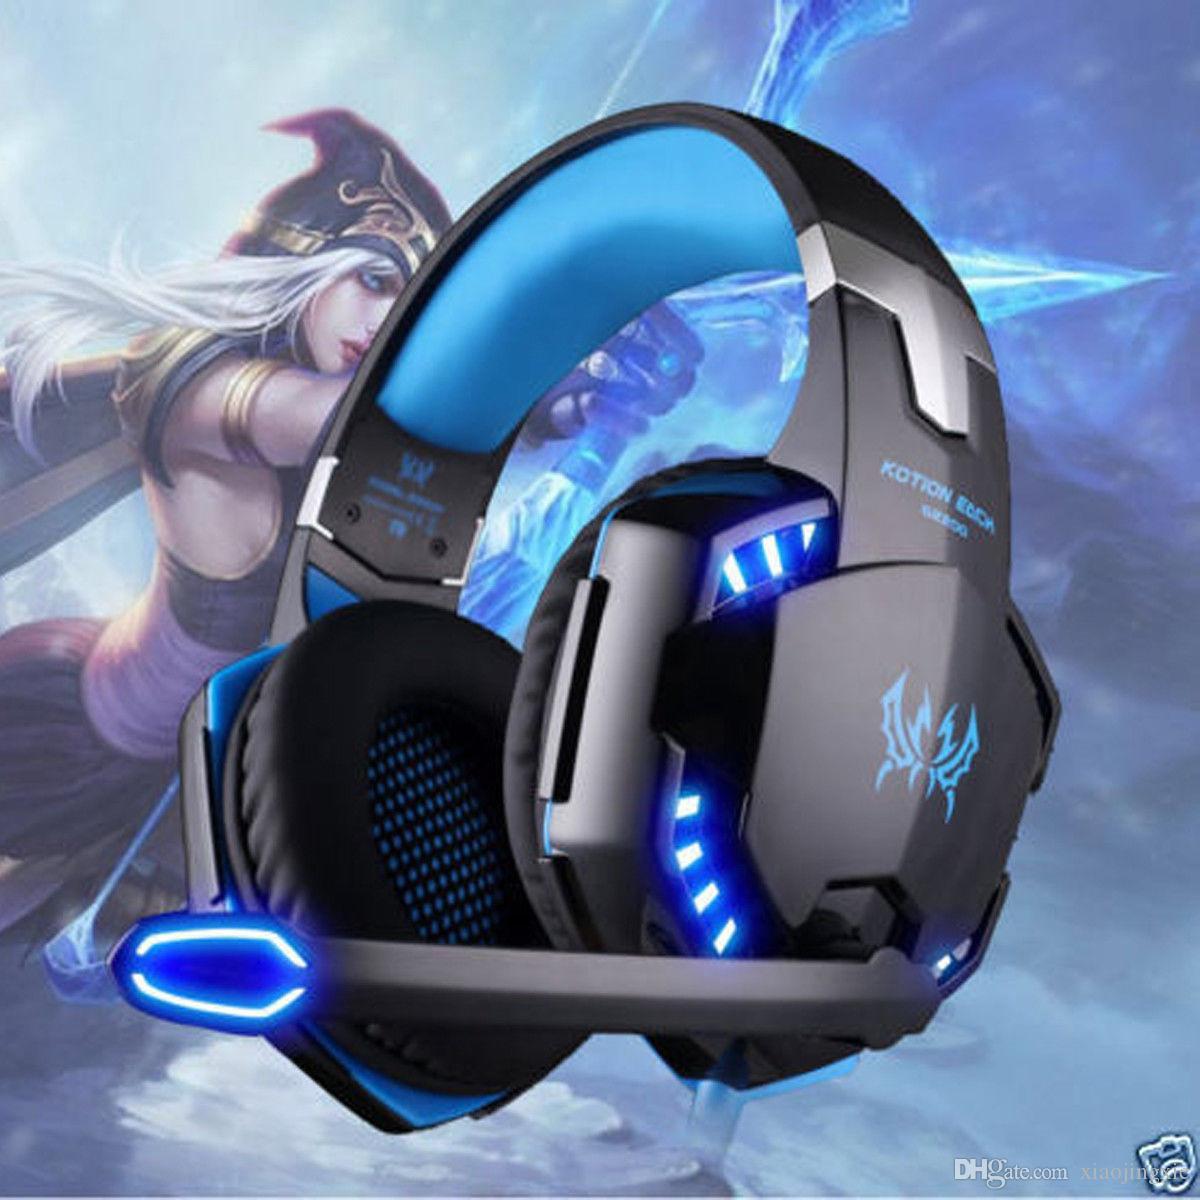 كل سماعة الألعاب 3.5 ملم MIC LED Headphones G-2000 سماعات إلغاء الضوضاء لأجهزة الكمبيوتر PS4 360E